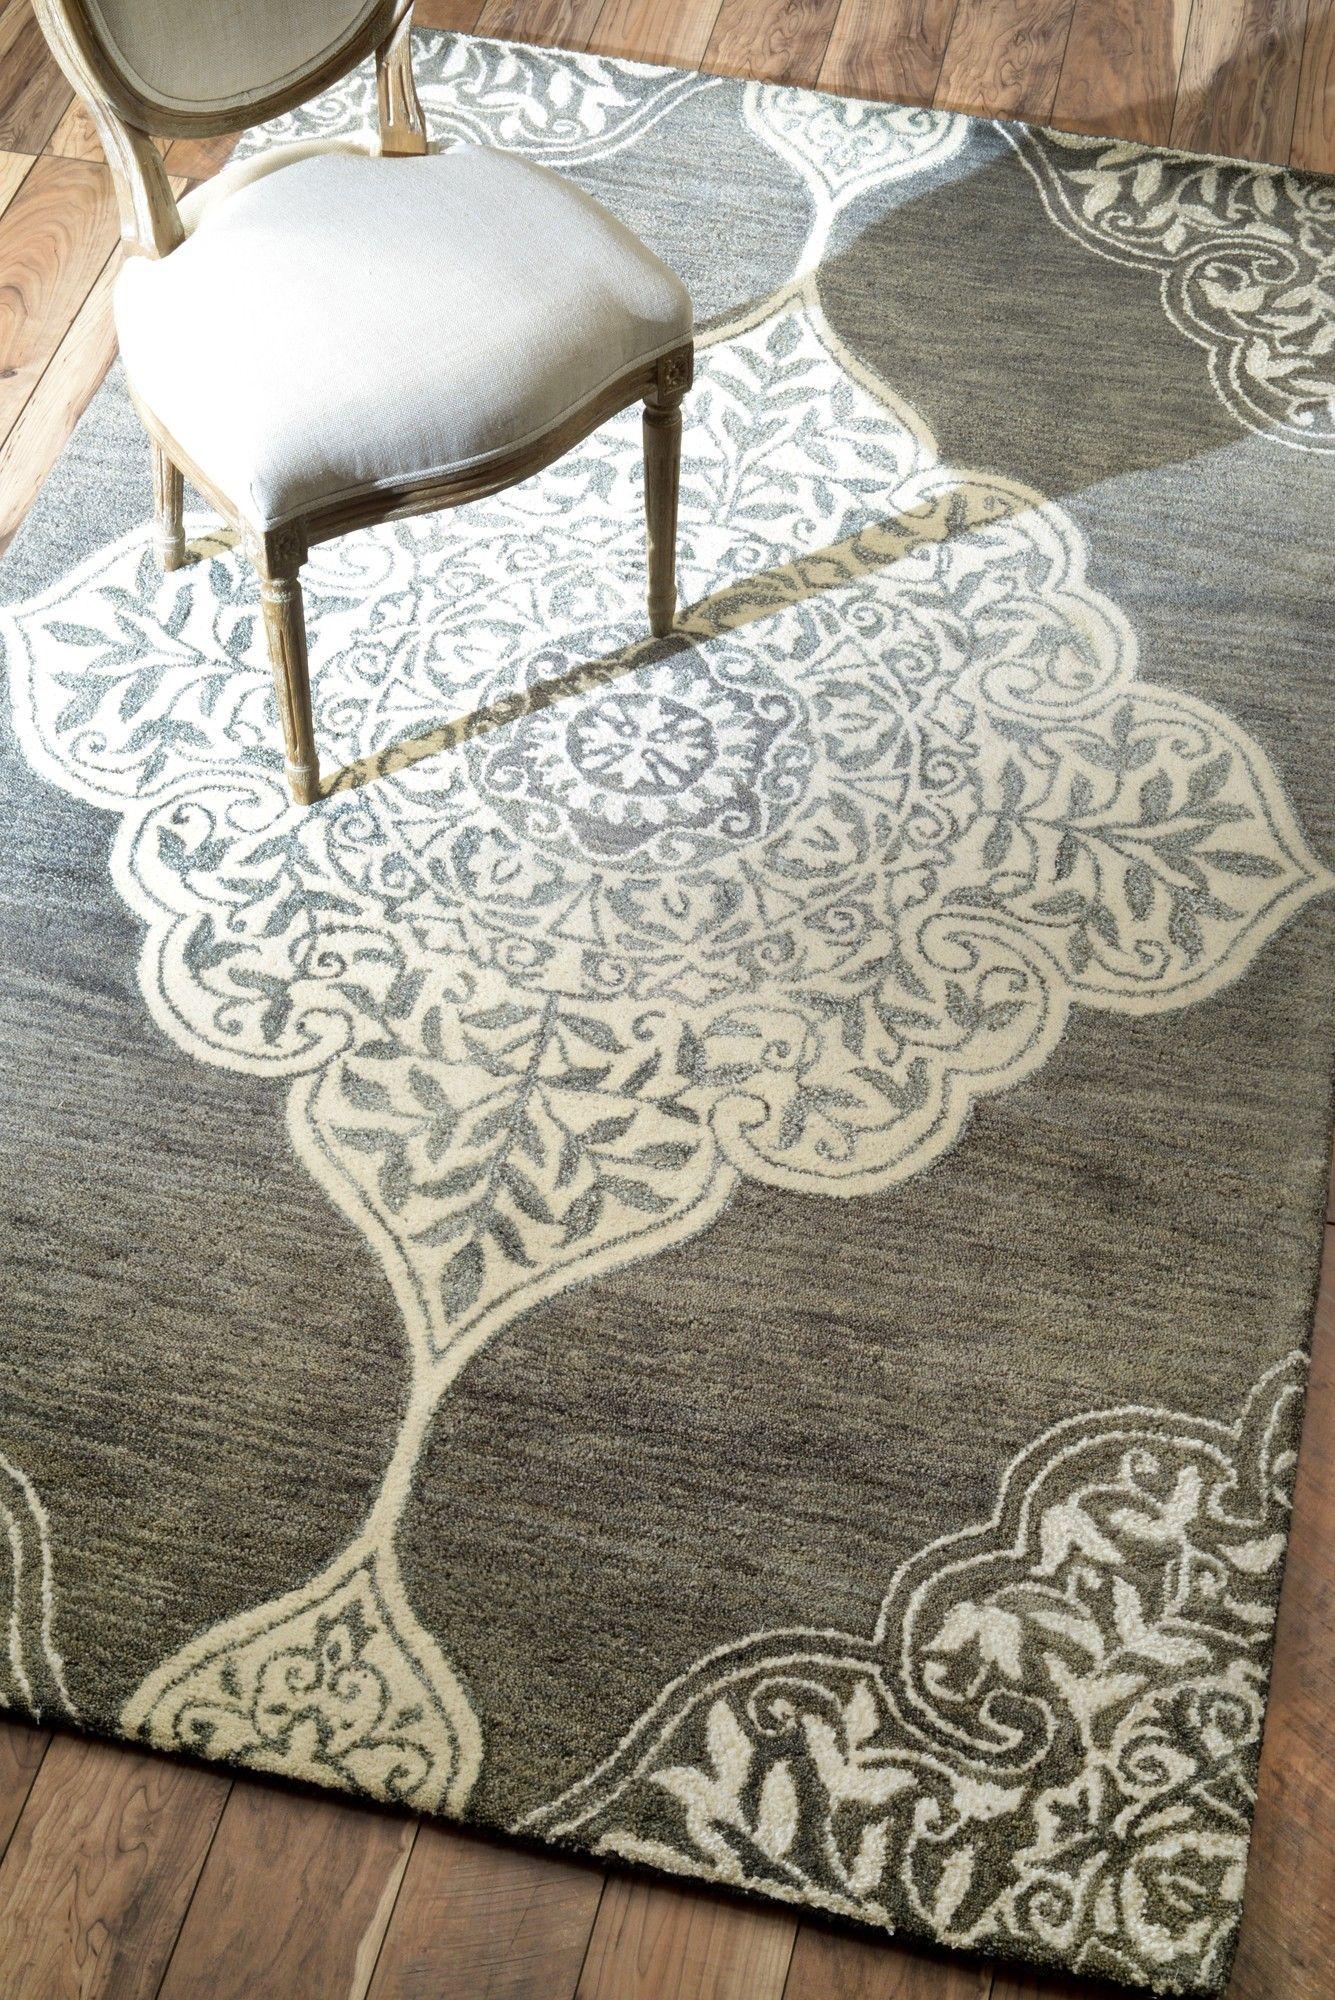 Malaga Tukker Vintage Modern Geometric Gray Area Rug